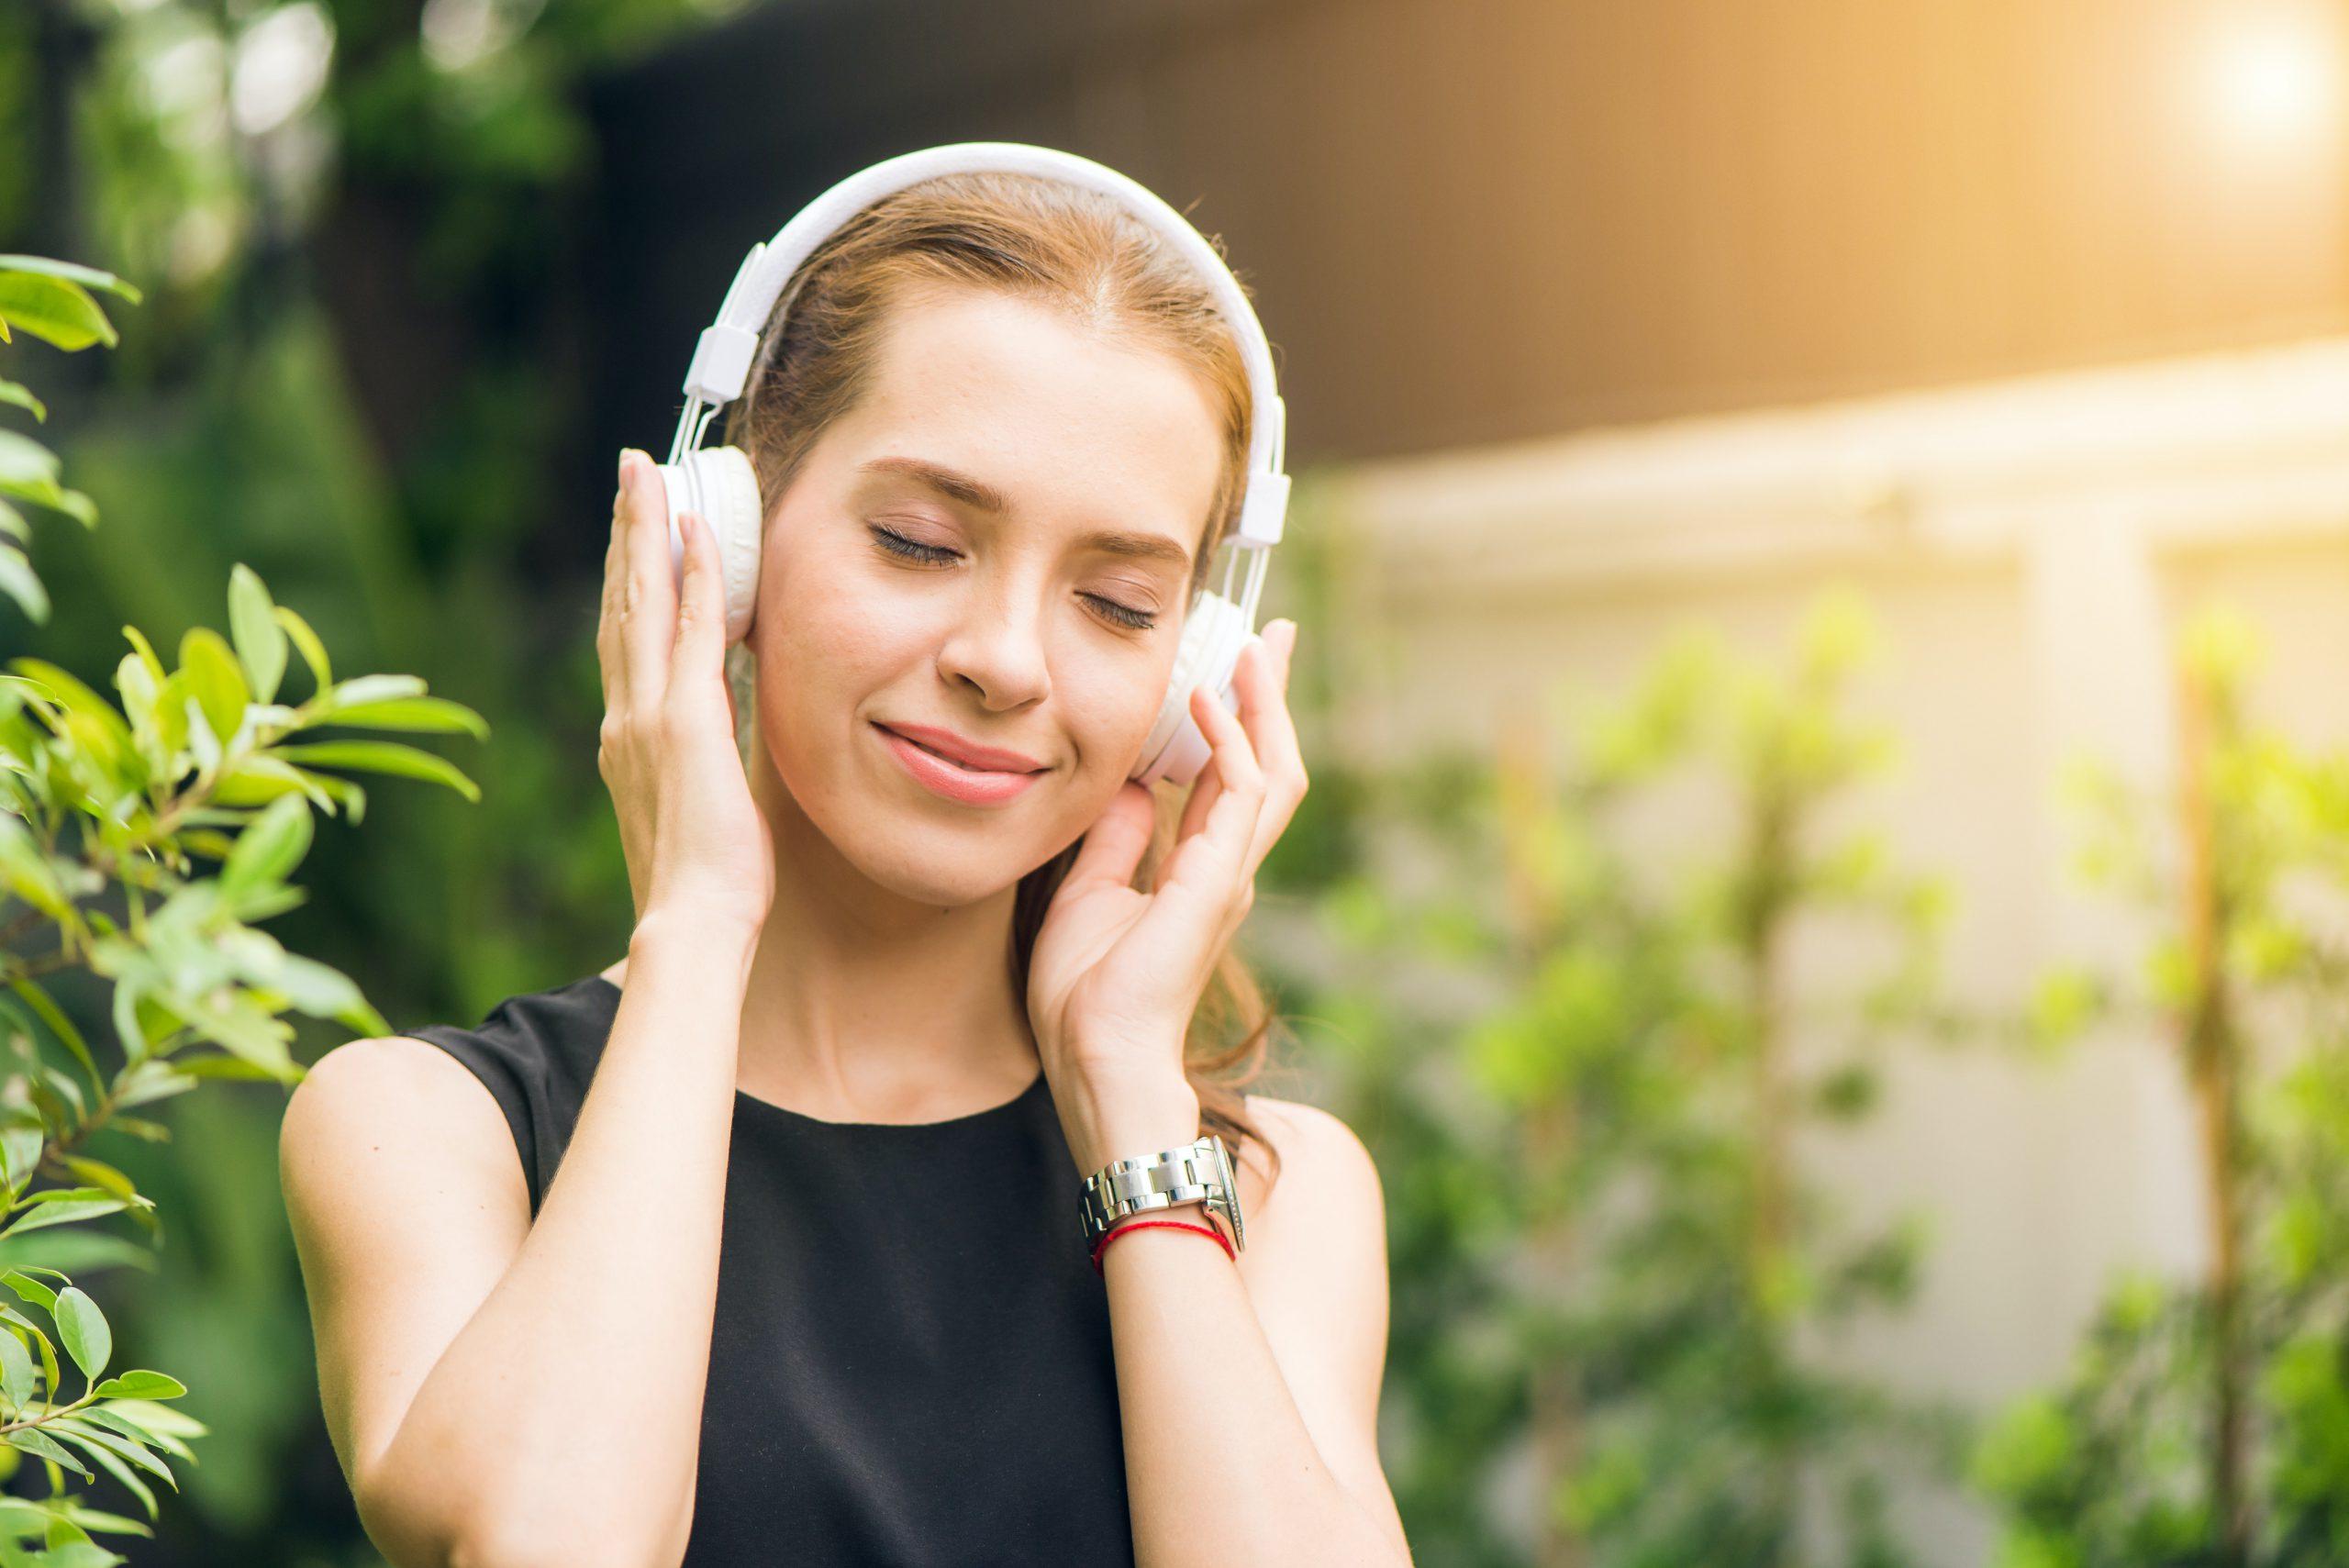 もしかして聴覚過敏かも?その原因や治療法について